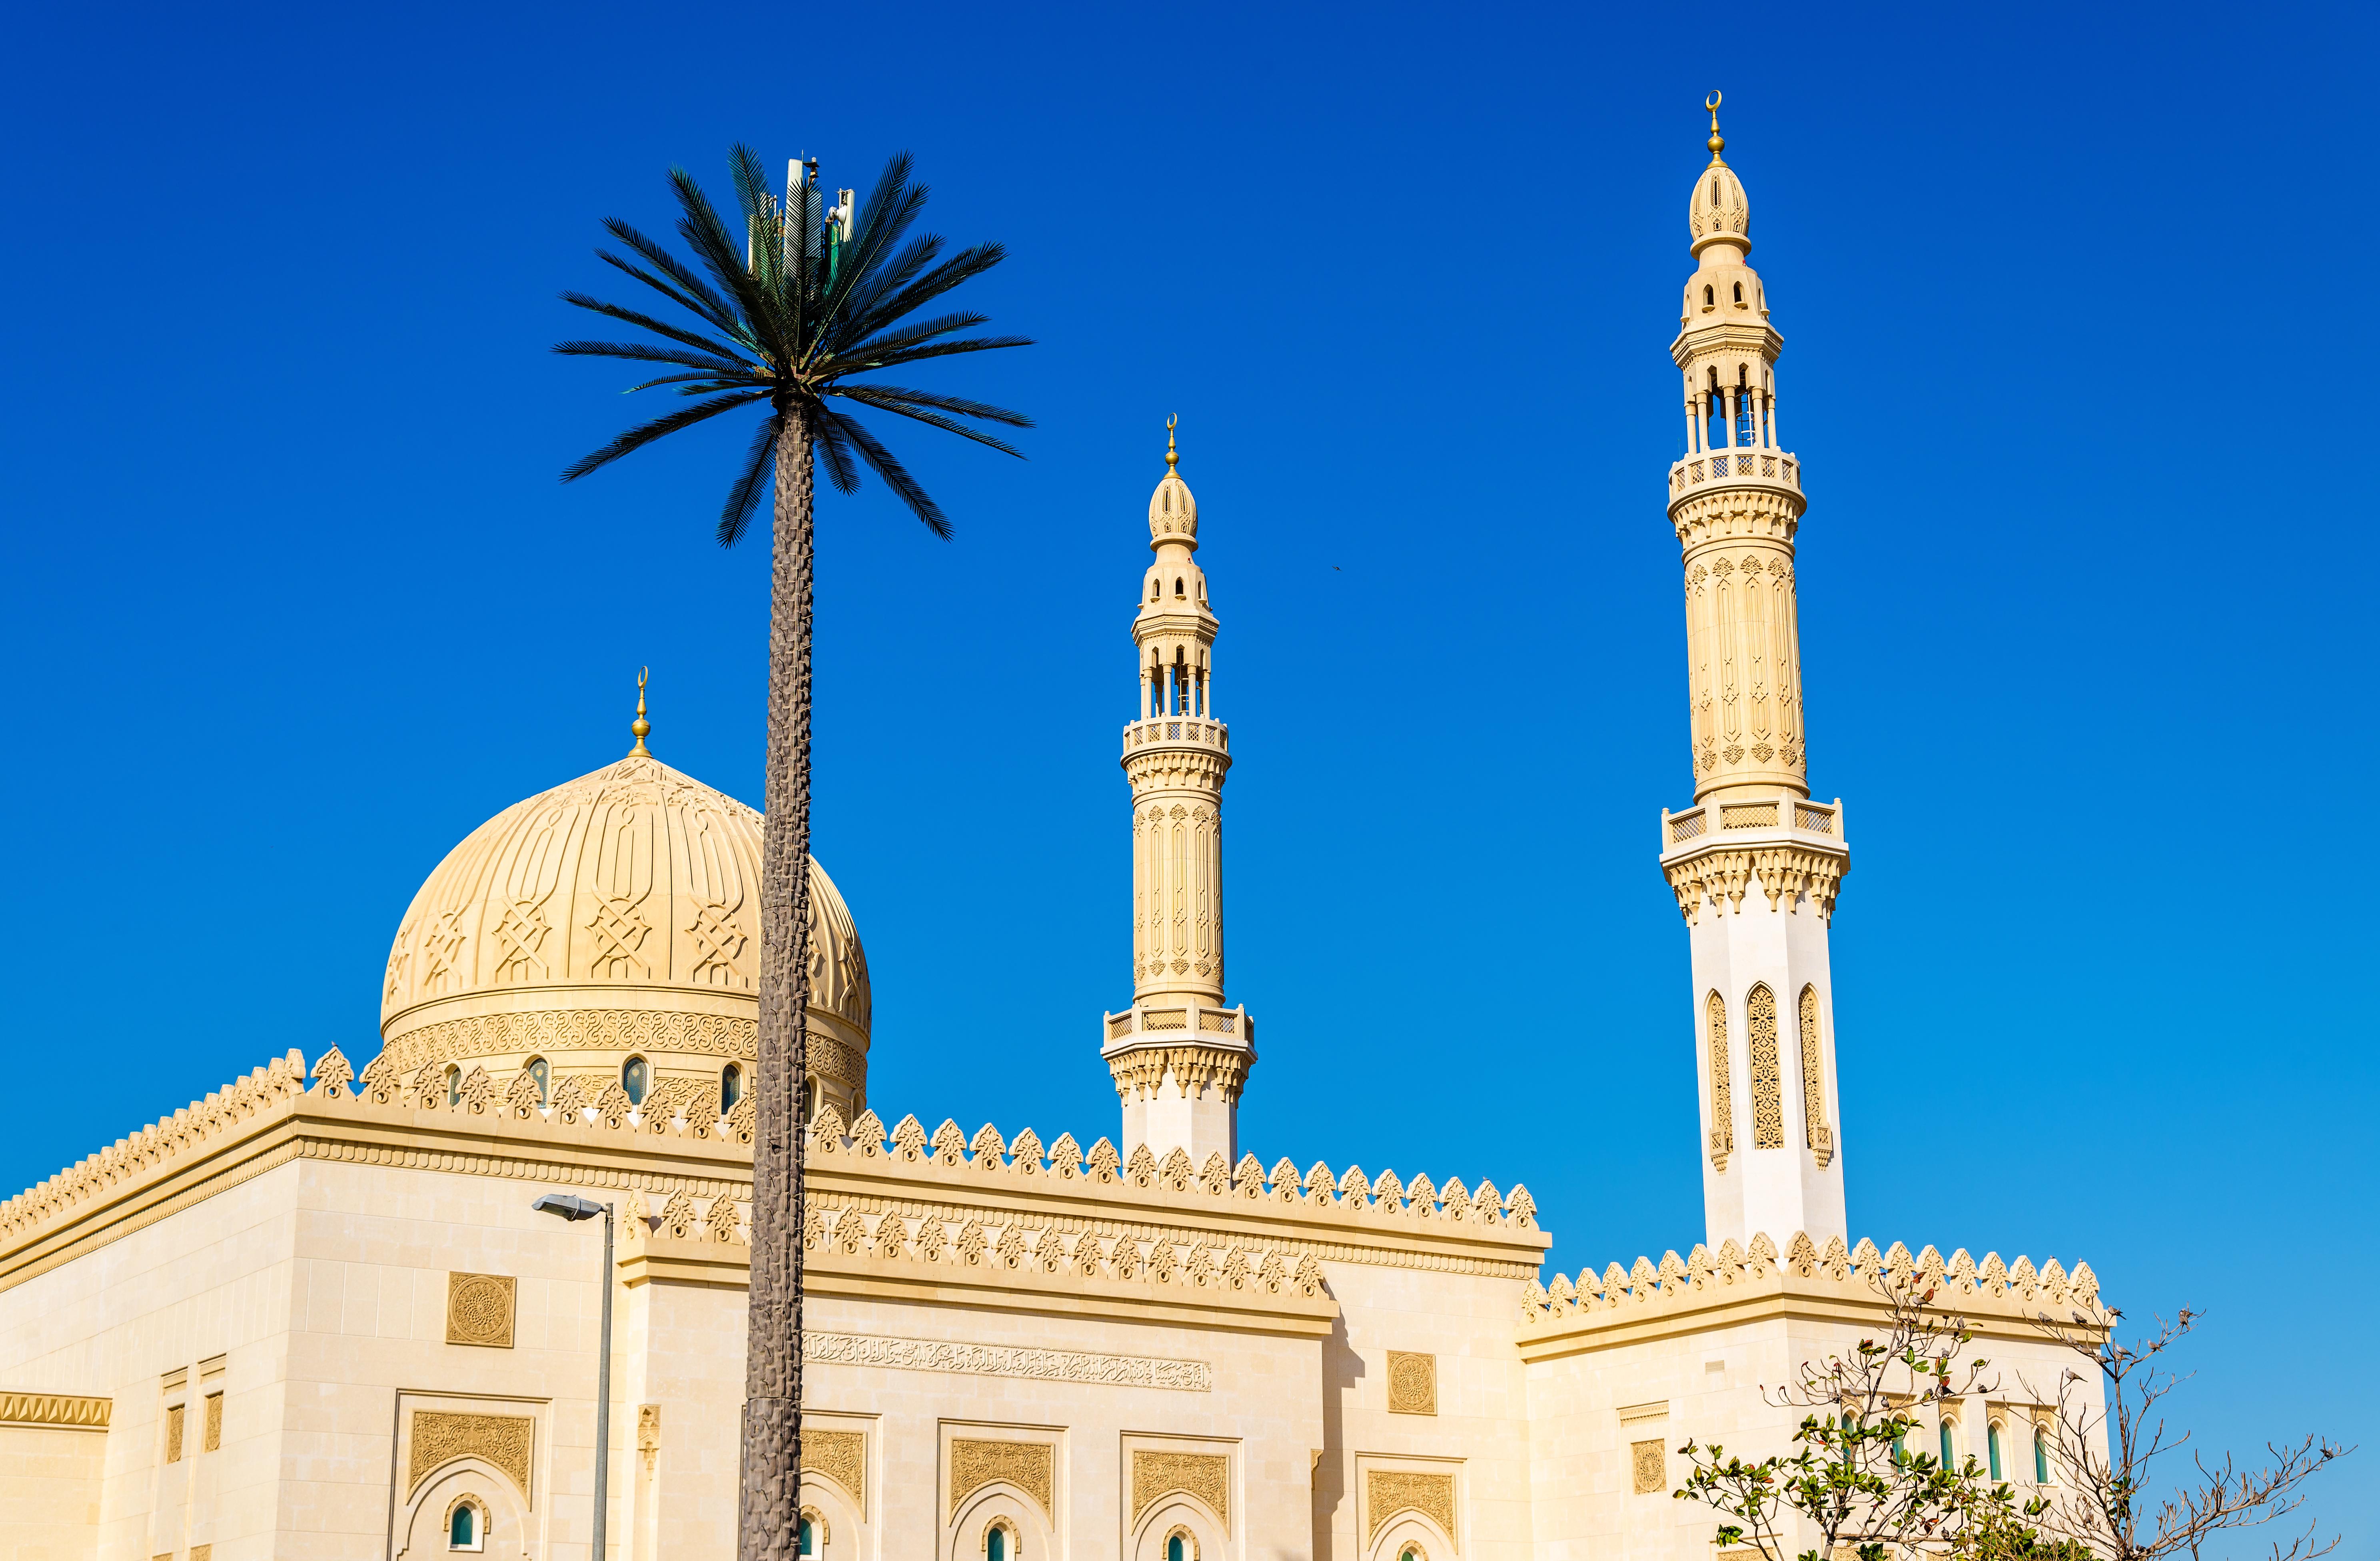 Jumeirah Mosque 2